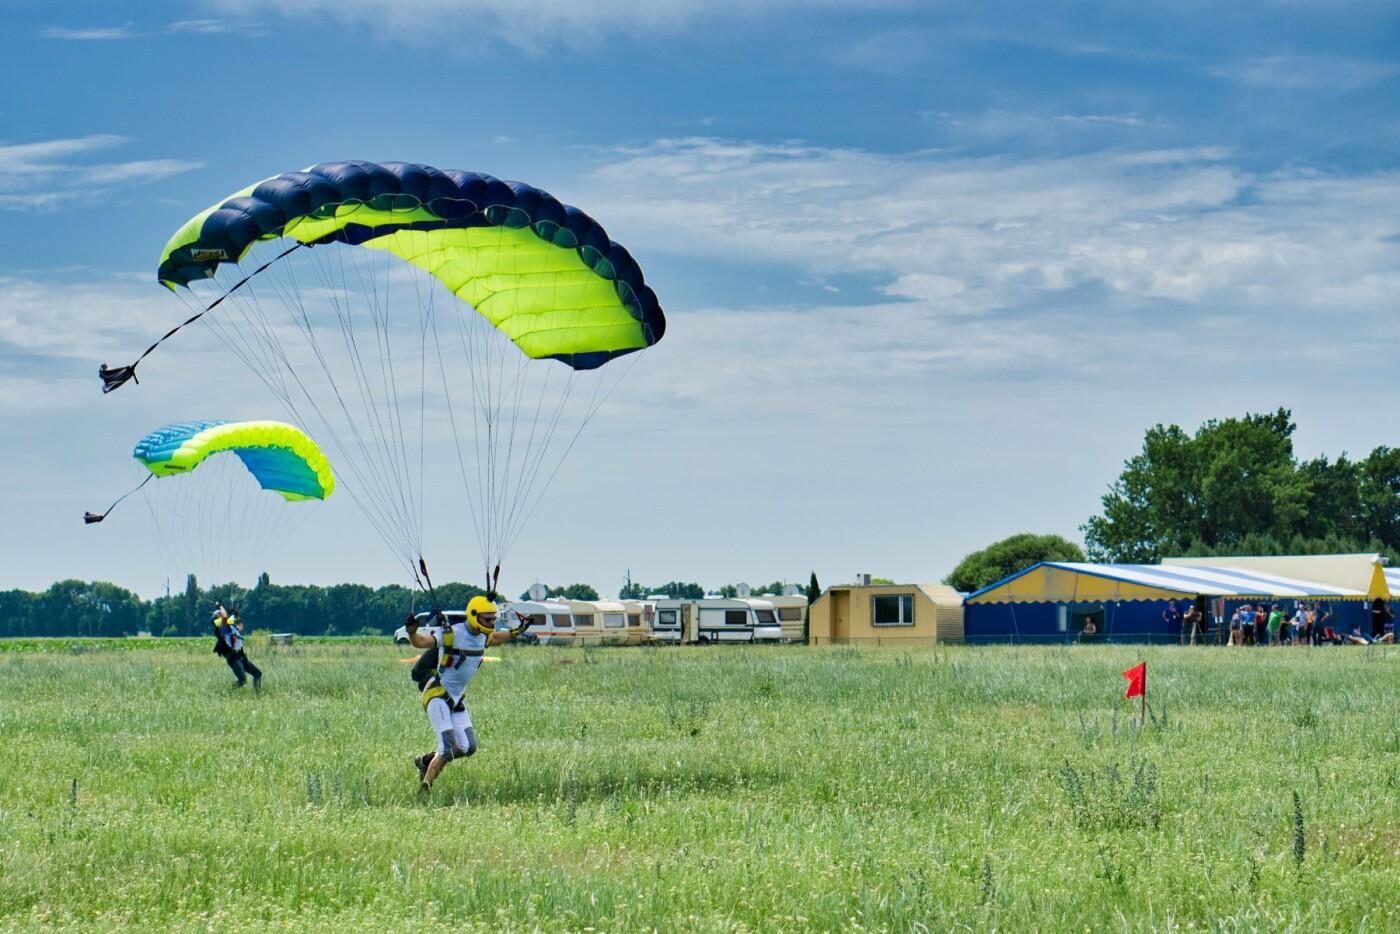 Активный отдых в Днепре - прыжки с парашюта, водный спорт, прокат и аренда транспорта , фото-2